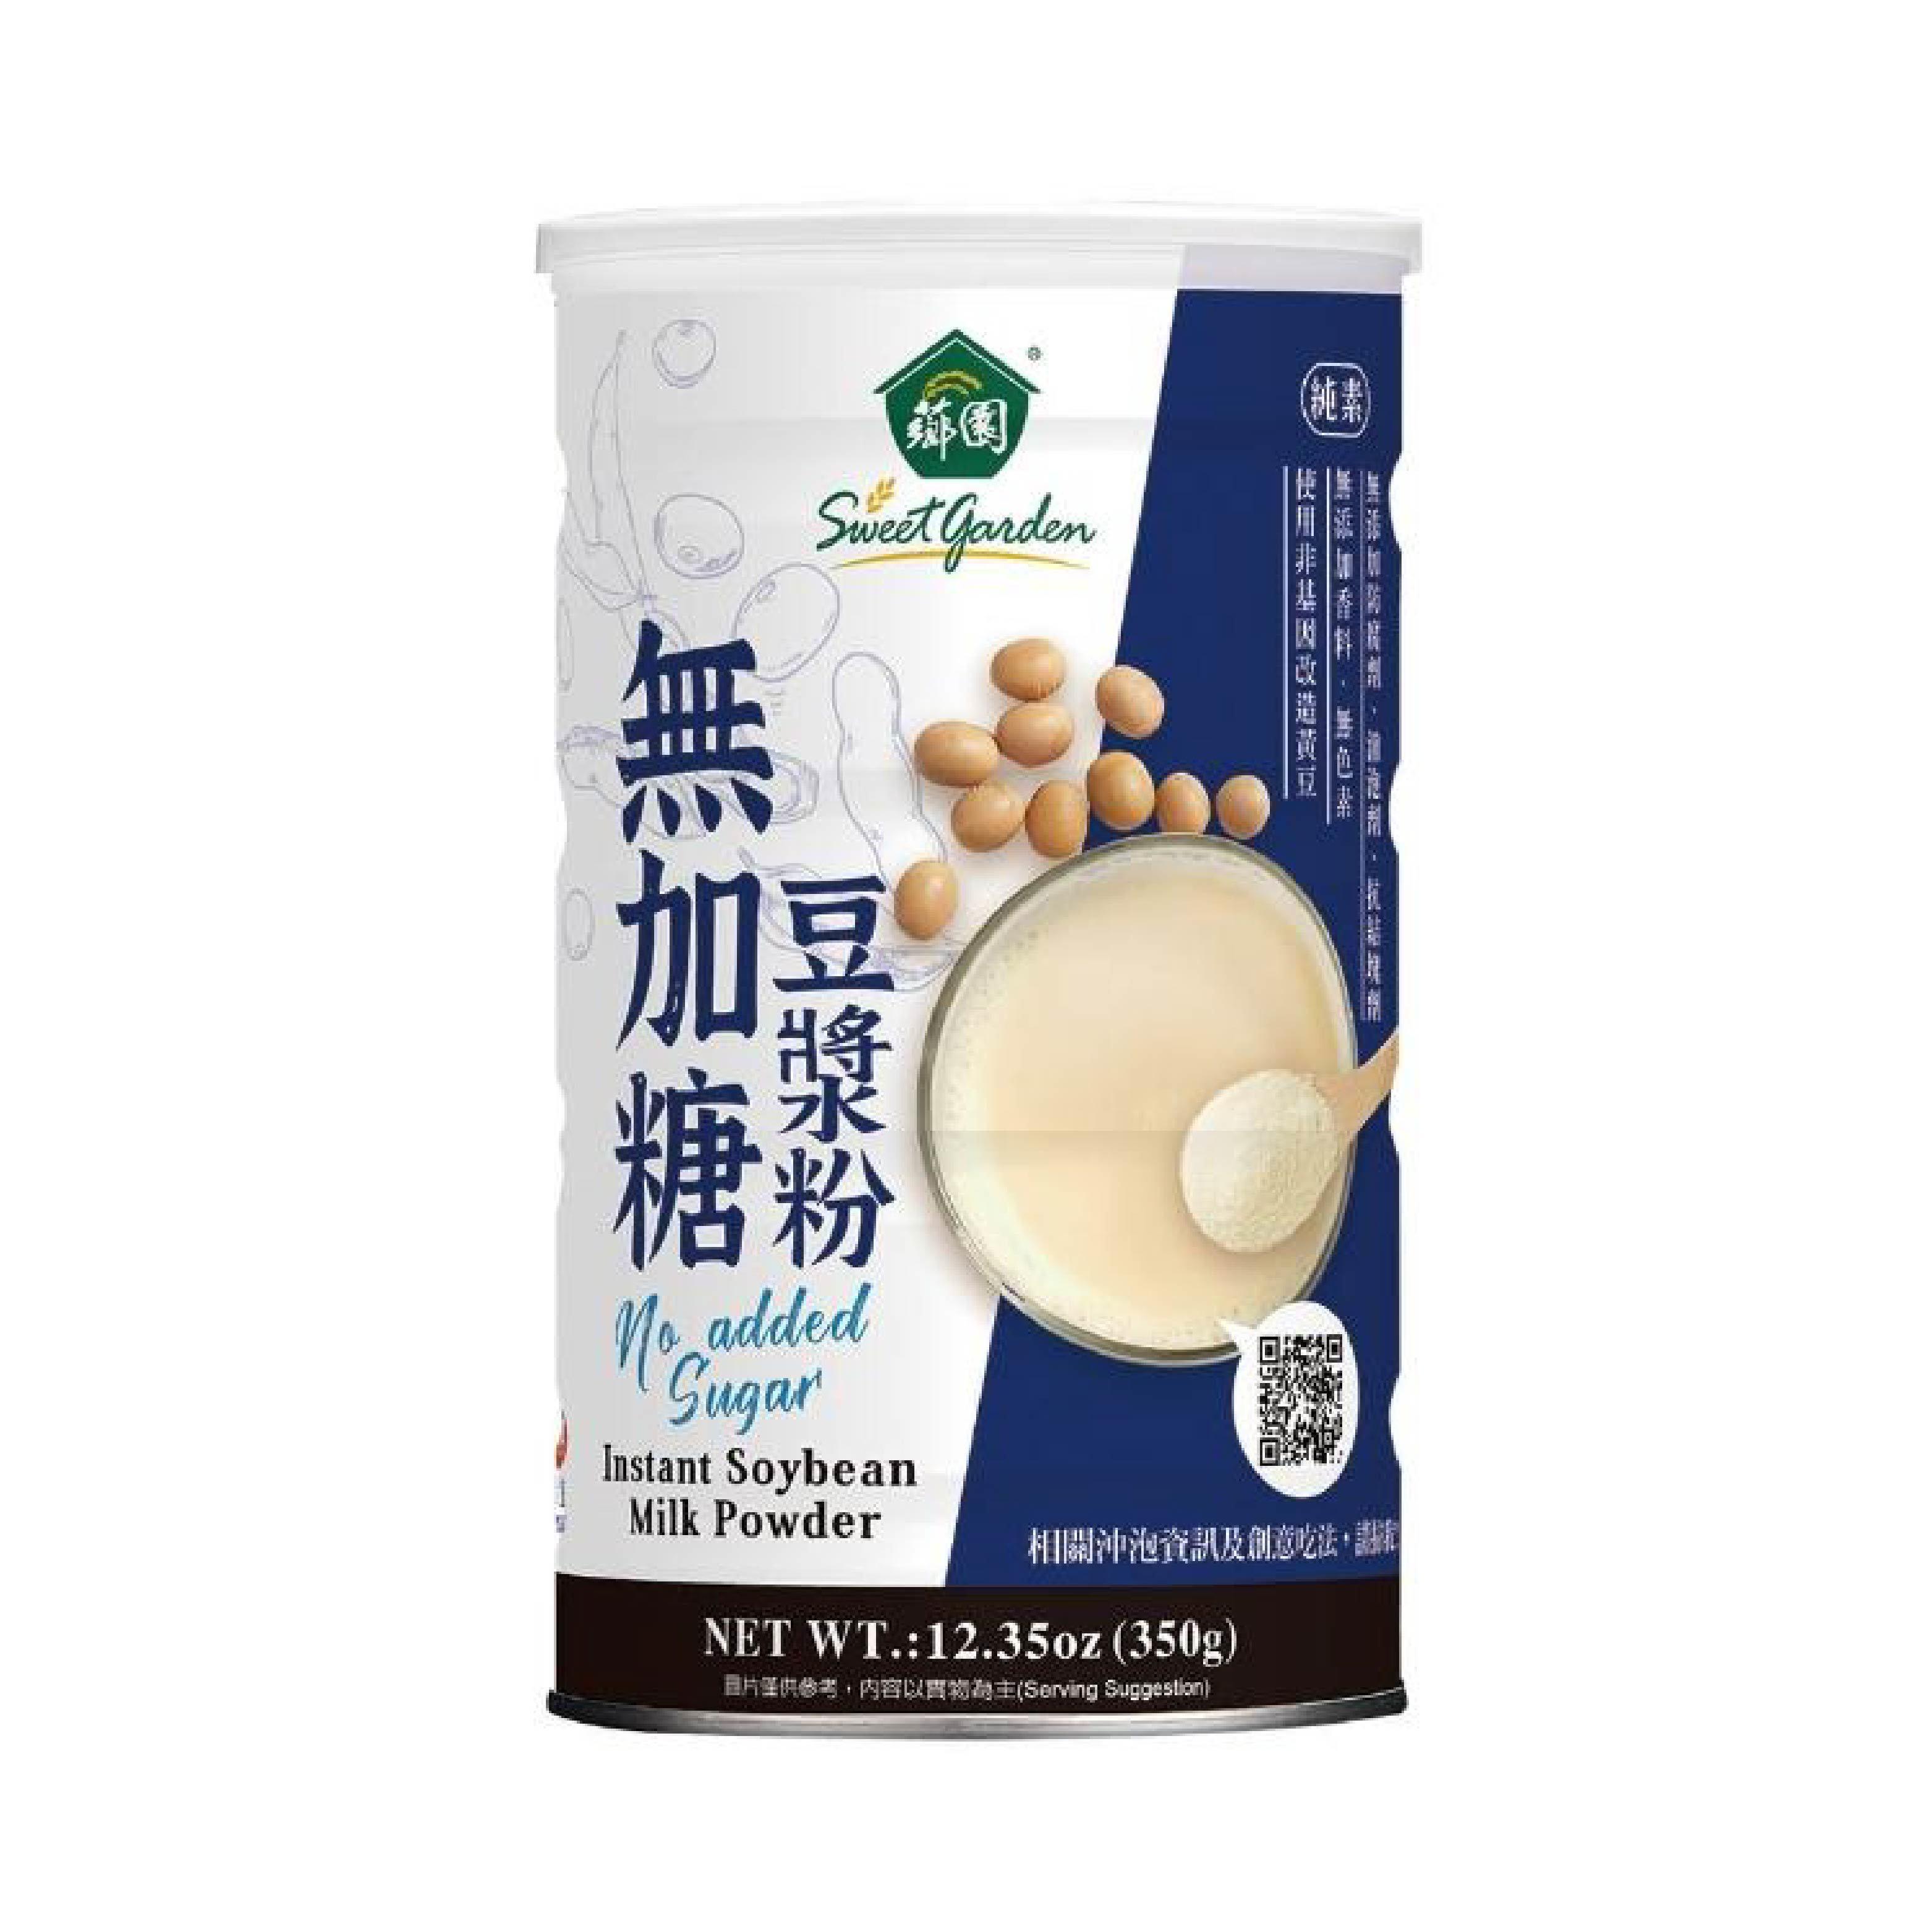 【薌園】100%無加糖豆漿粉(350g)